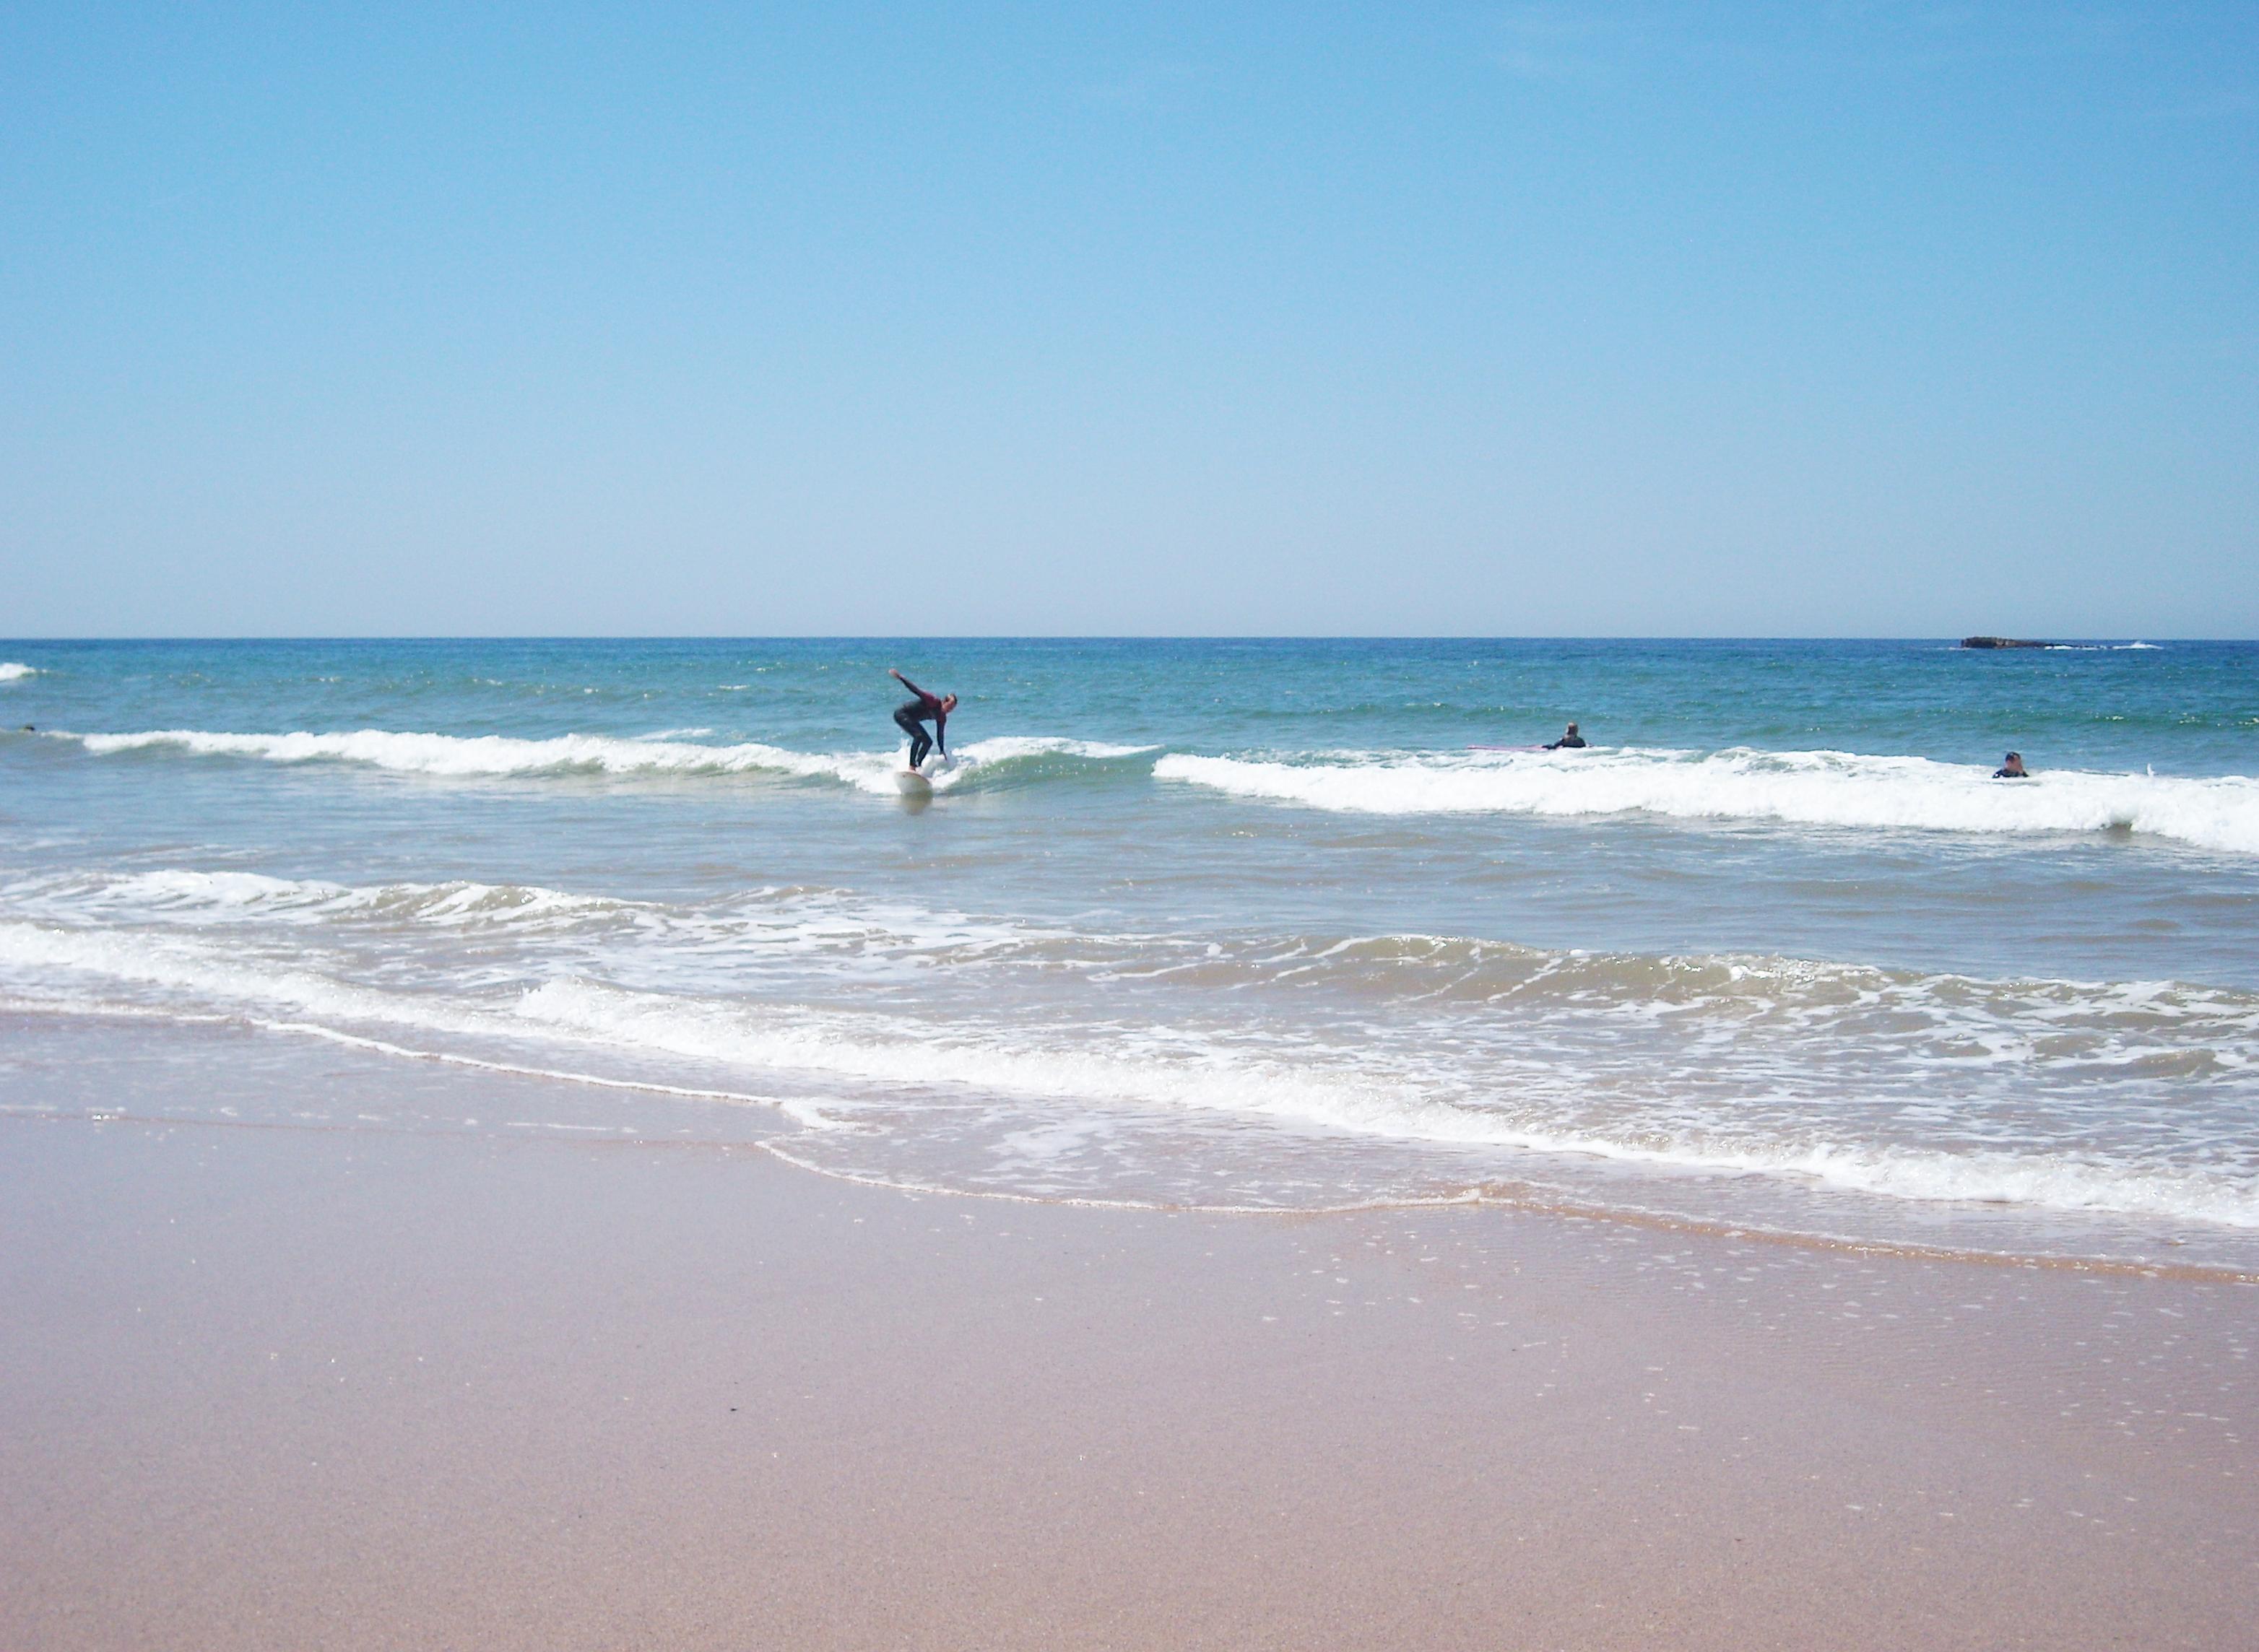 Praia do amado på Algarvekusten i Portugal